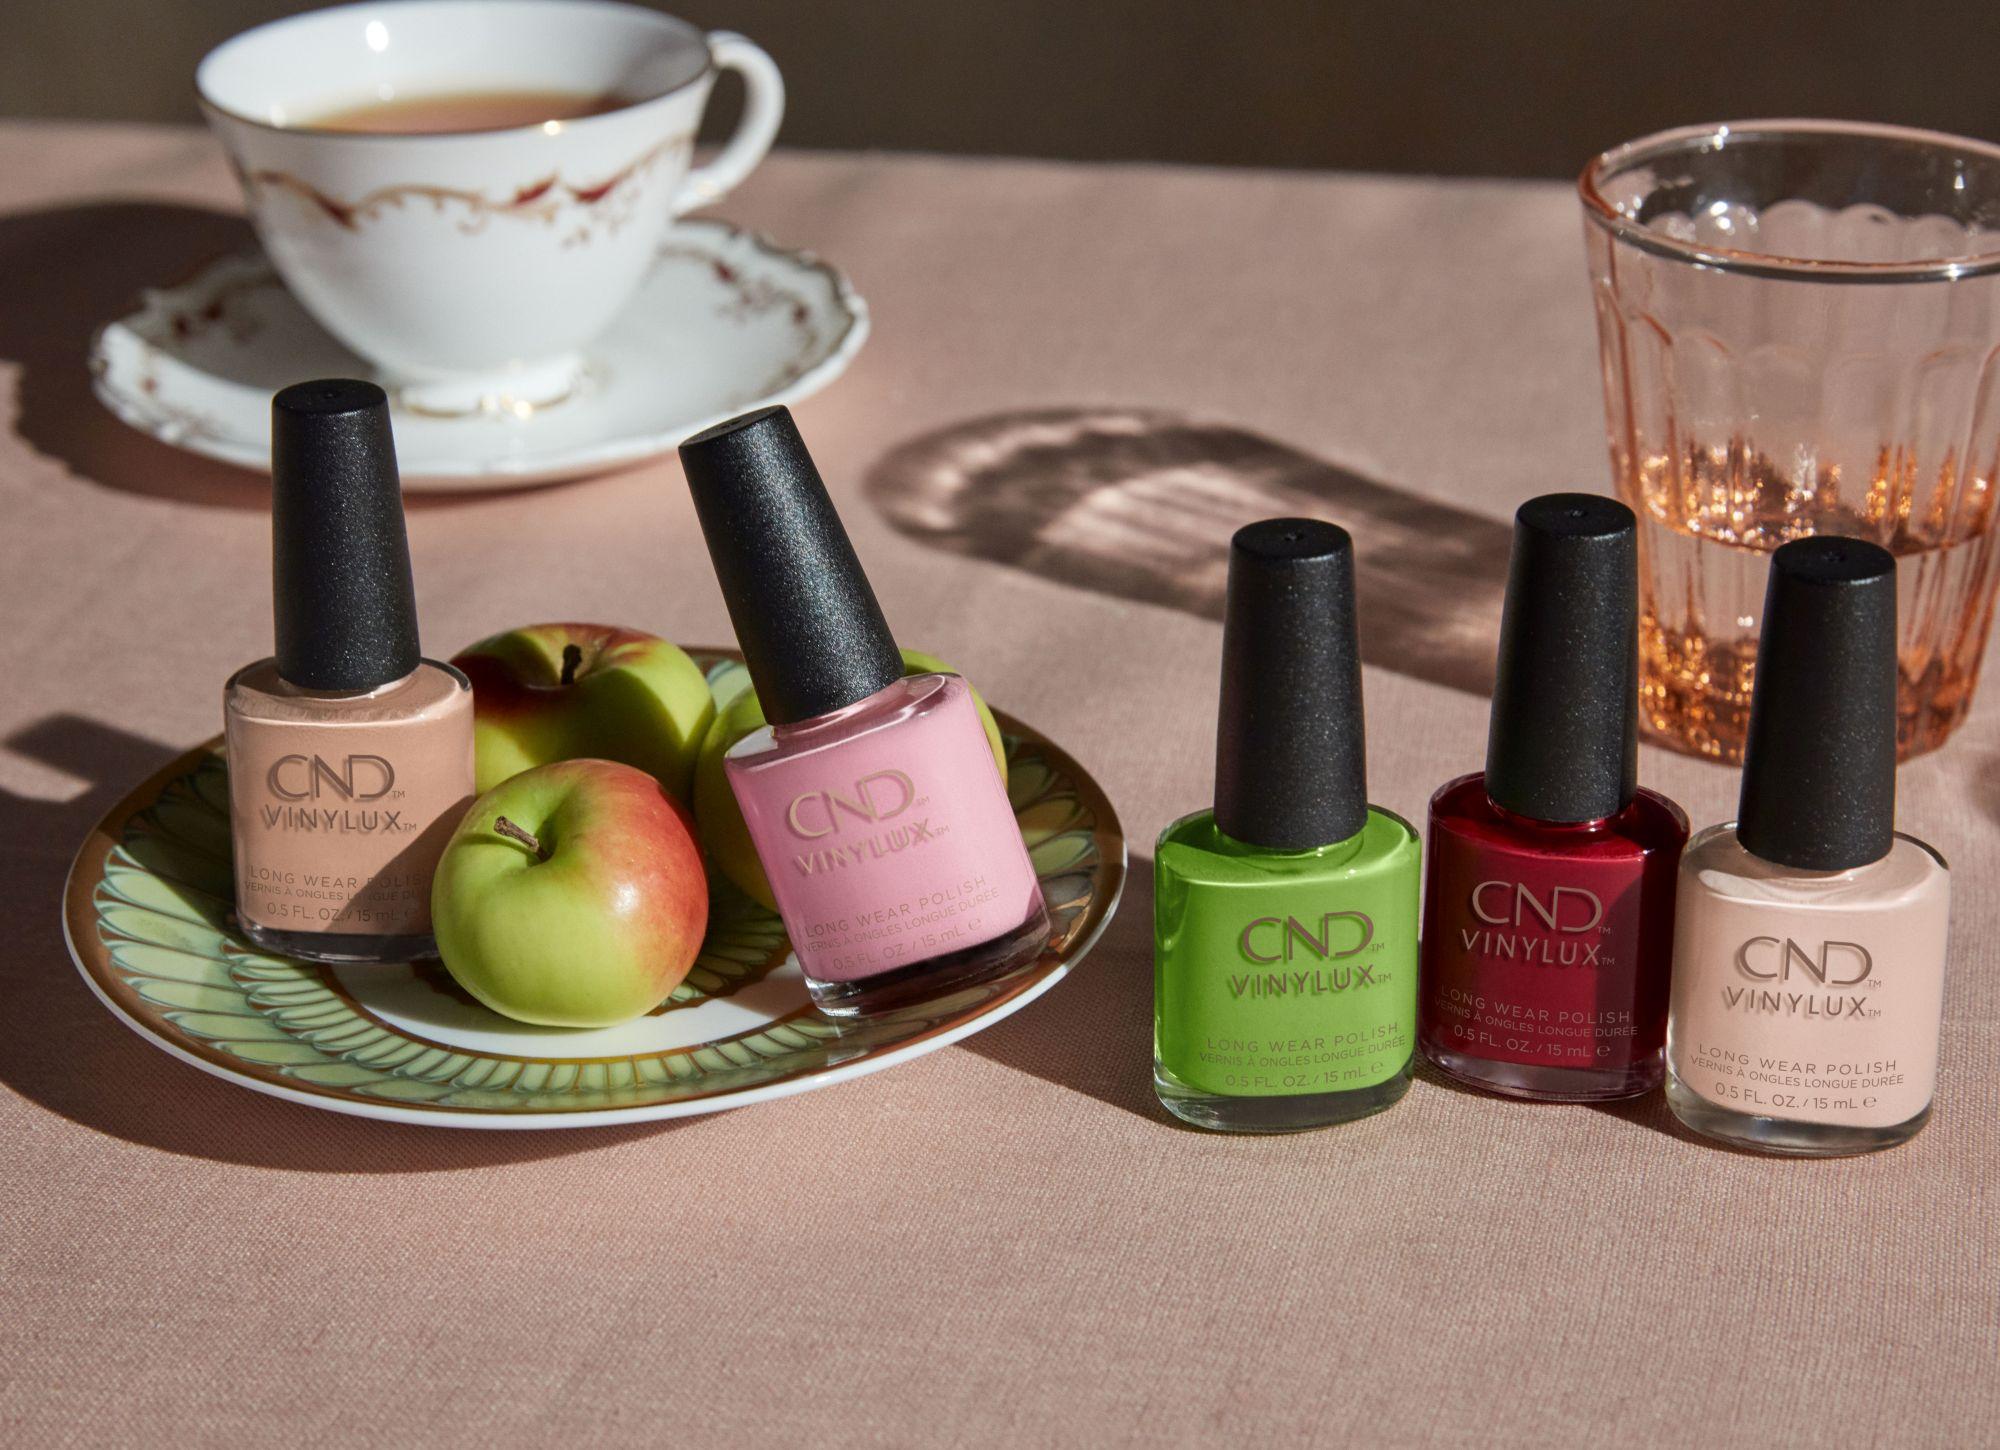 CND Autumn Addict, őszi körömlakk kollekció, CND Nail Lounge